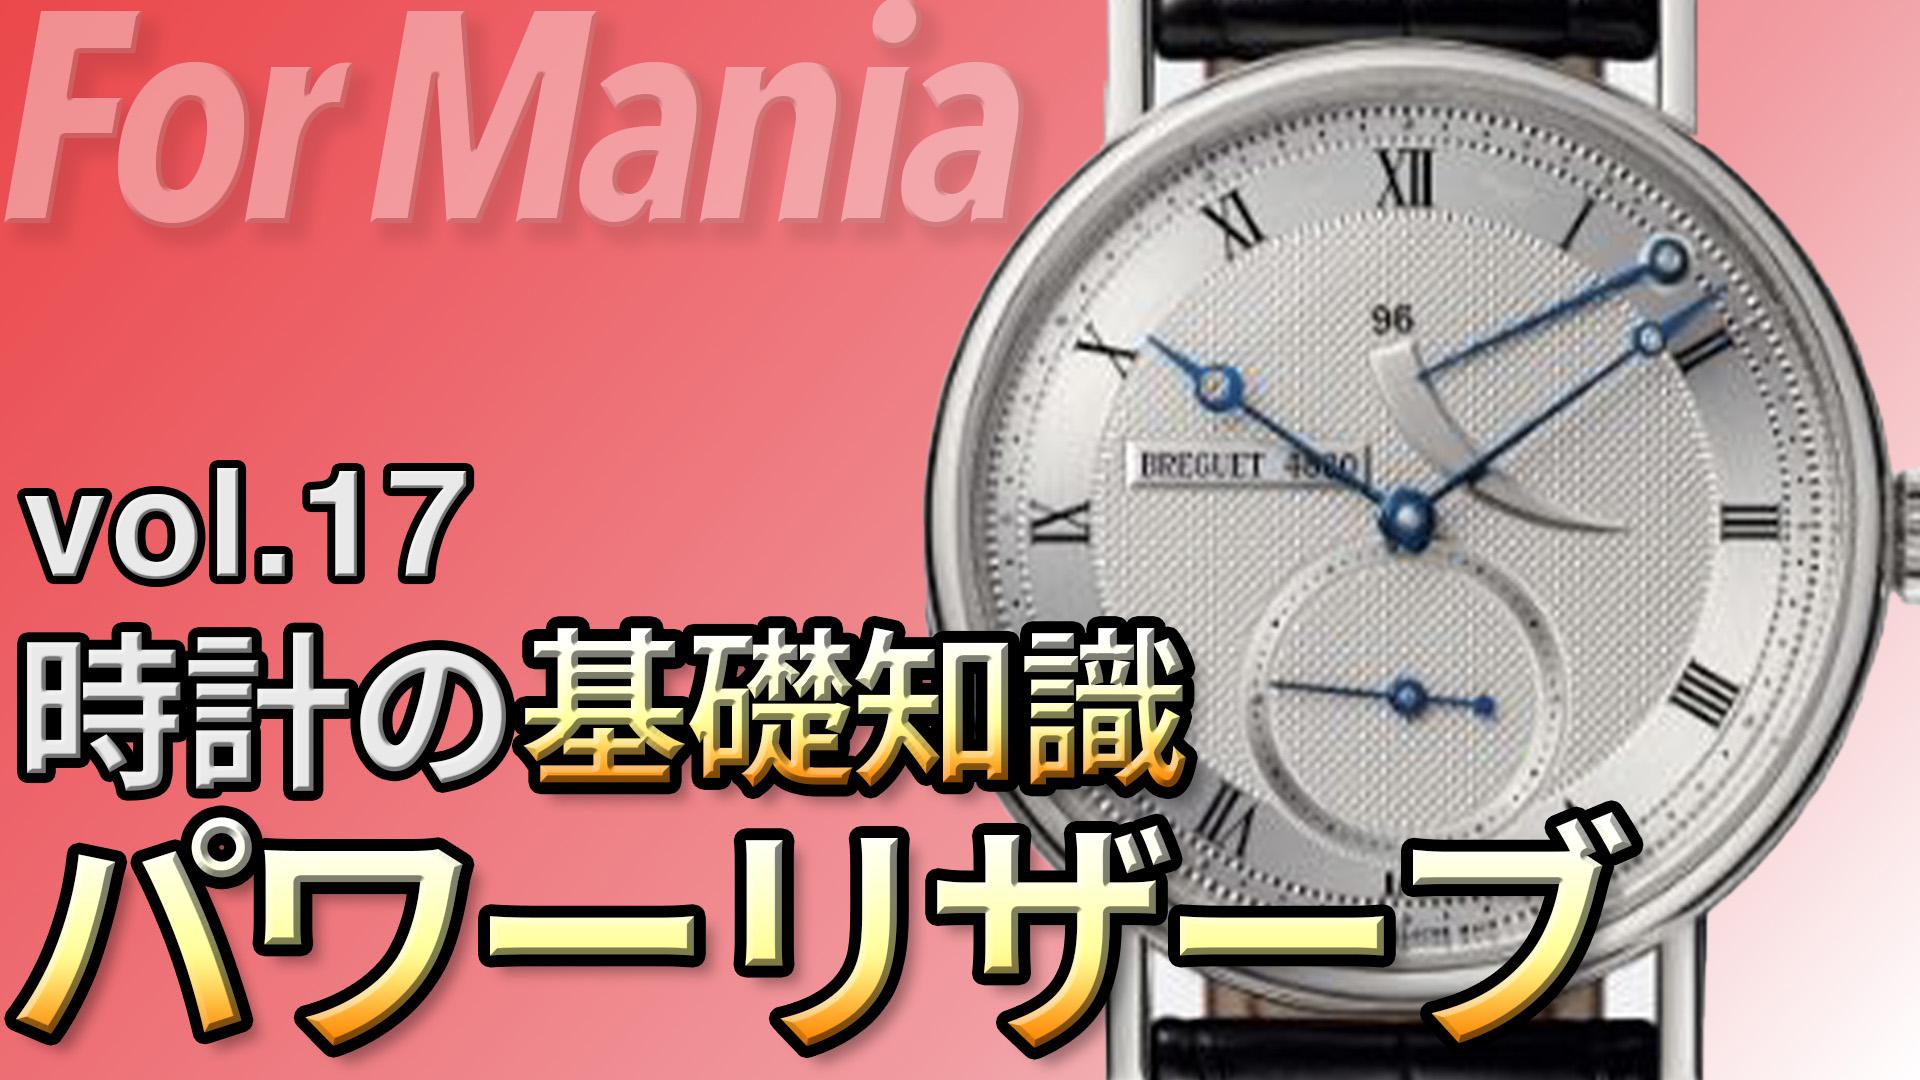 【基礎知識 vol.17】パワーリザーブとは|腕時計の基礎知識・基礎用語